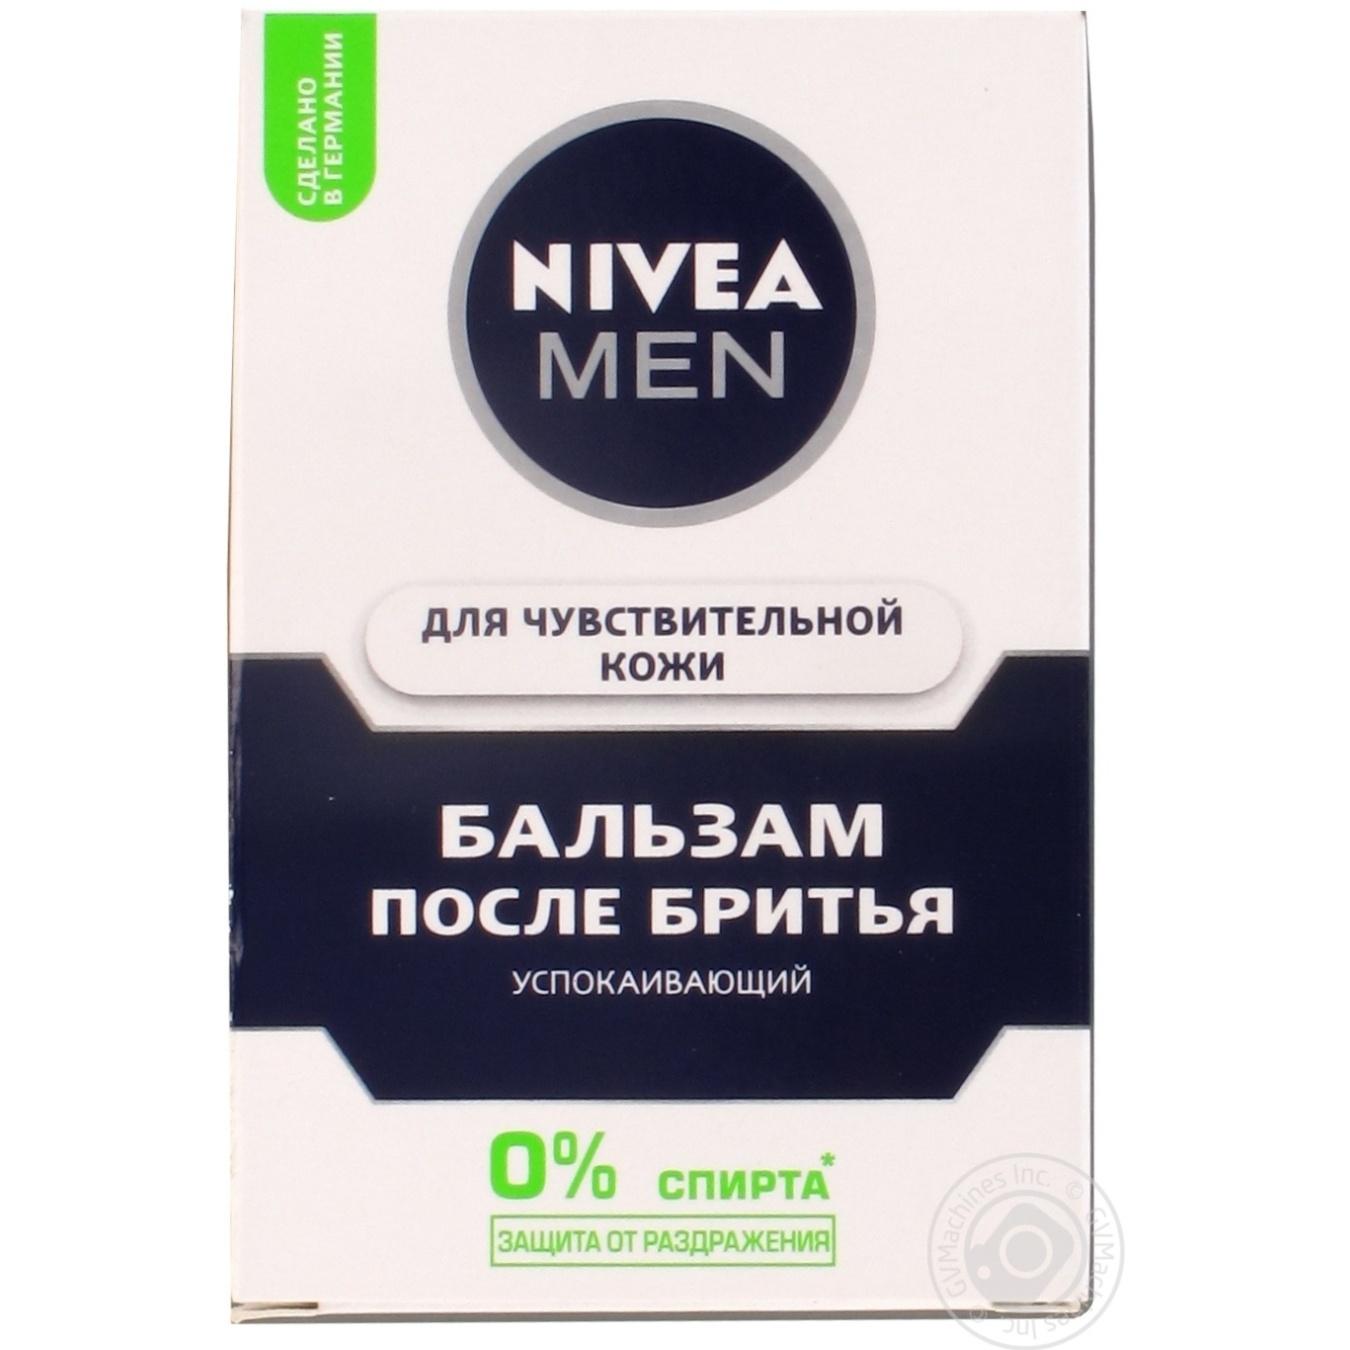 Купить Бальзам Nivea Men успокаивающий после бритья для чувствительной кожи 100мл